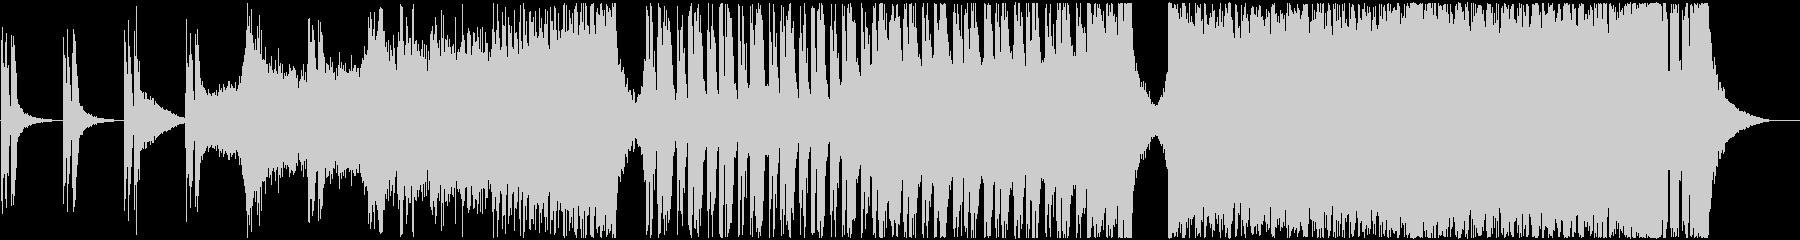 モダンでパワフルなアクションBGMの未再生の波形